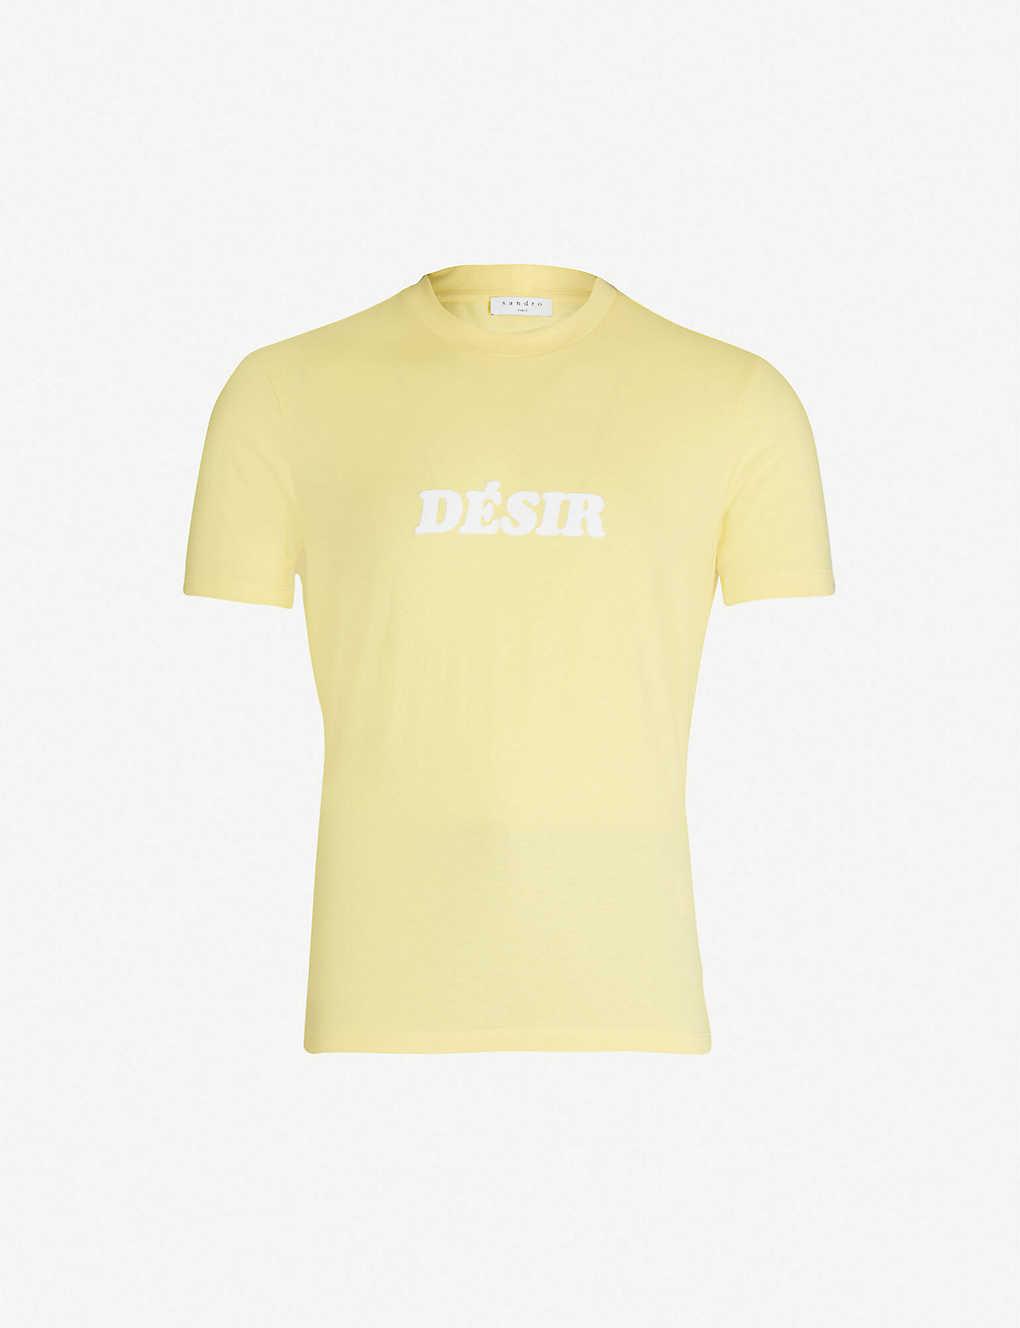 9e2c217e009 SANDRO - Slogan cotton-jersey T-shirt | Selfridges.com